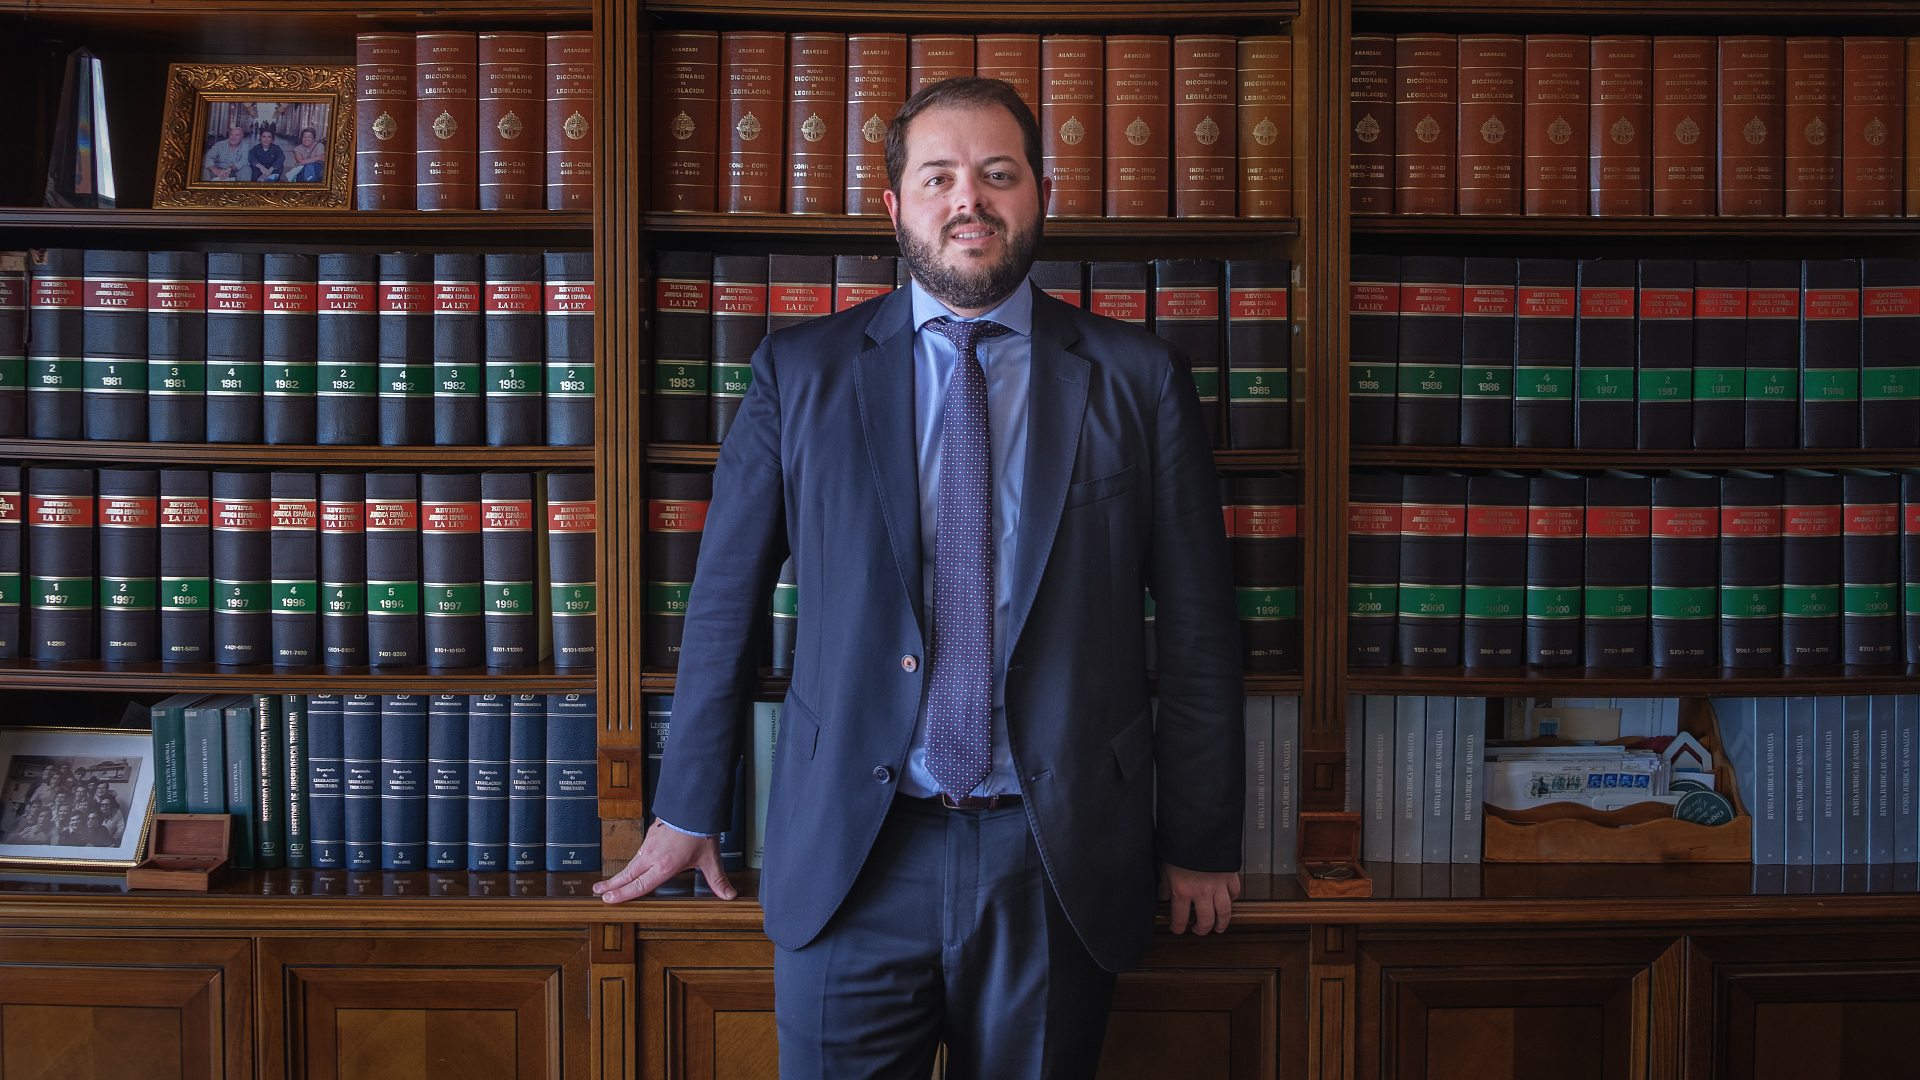 Fernando Ramos Gabrieli en la biblioteca del descpacho de AIC ABOGADOS